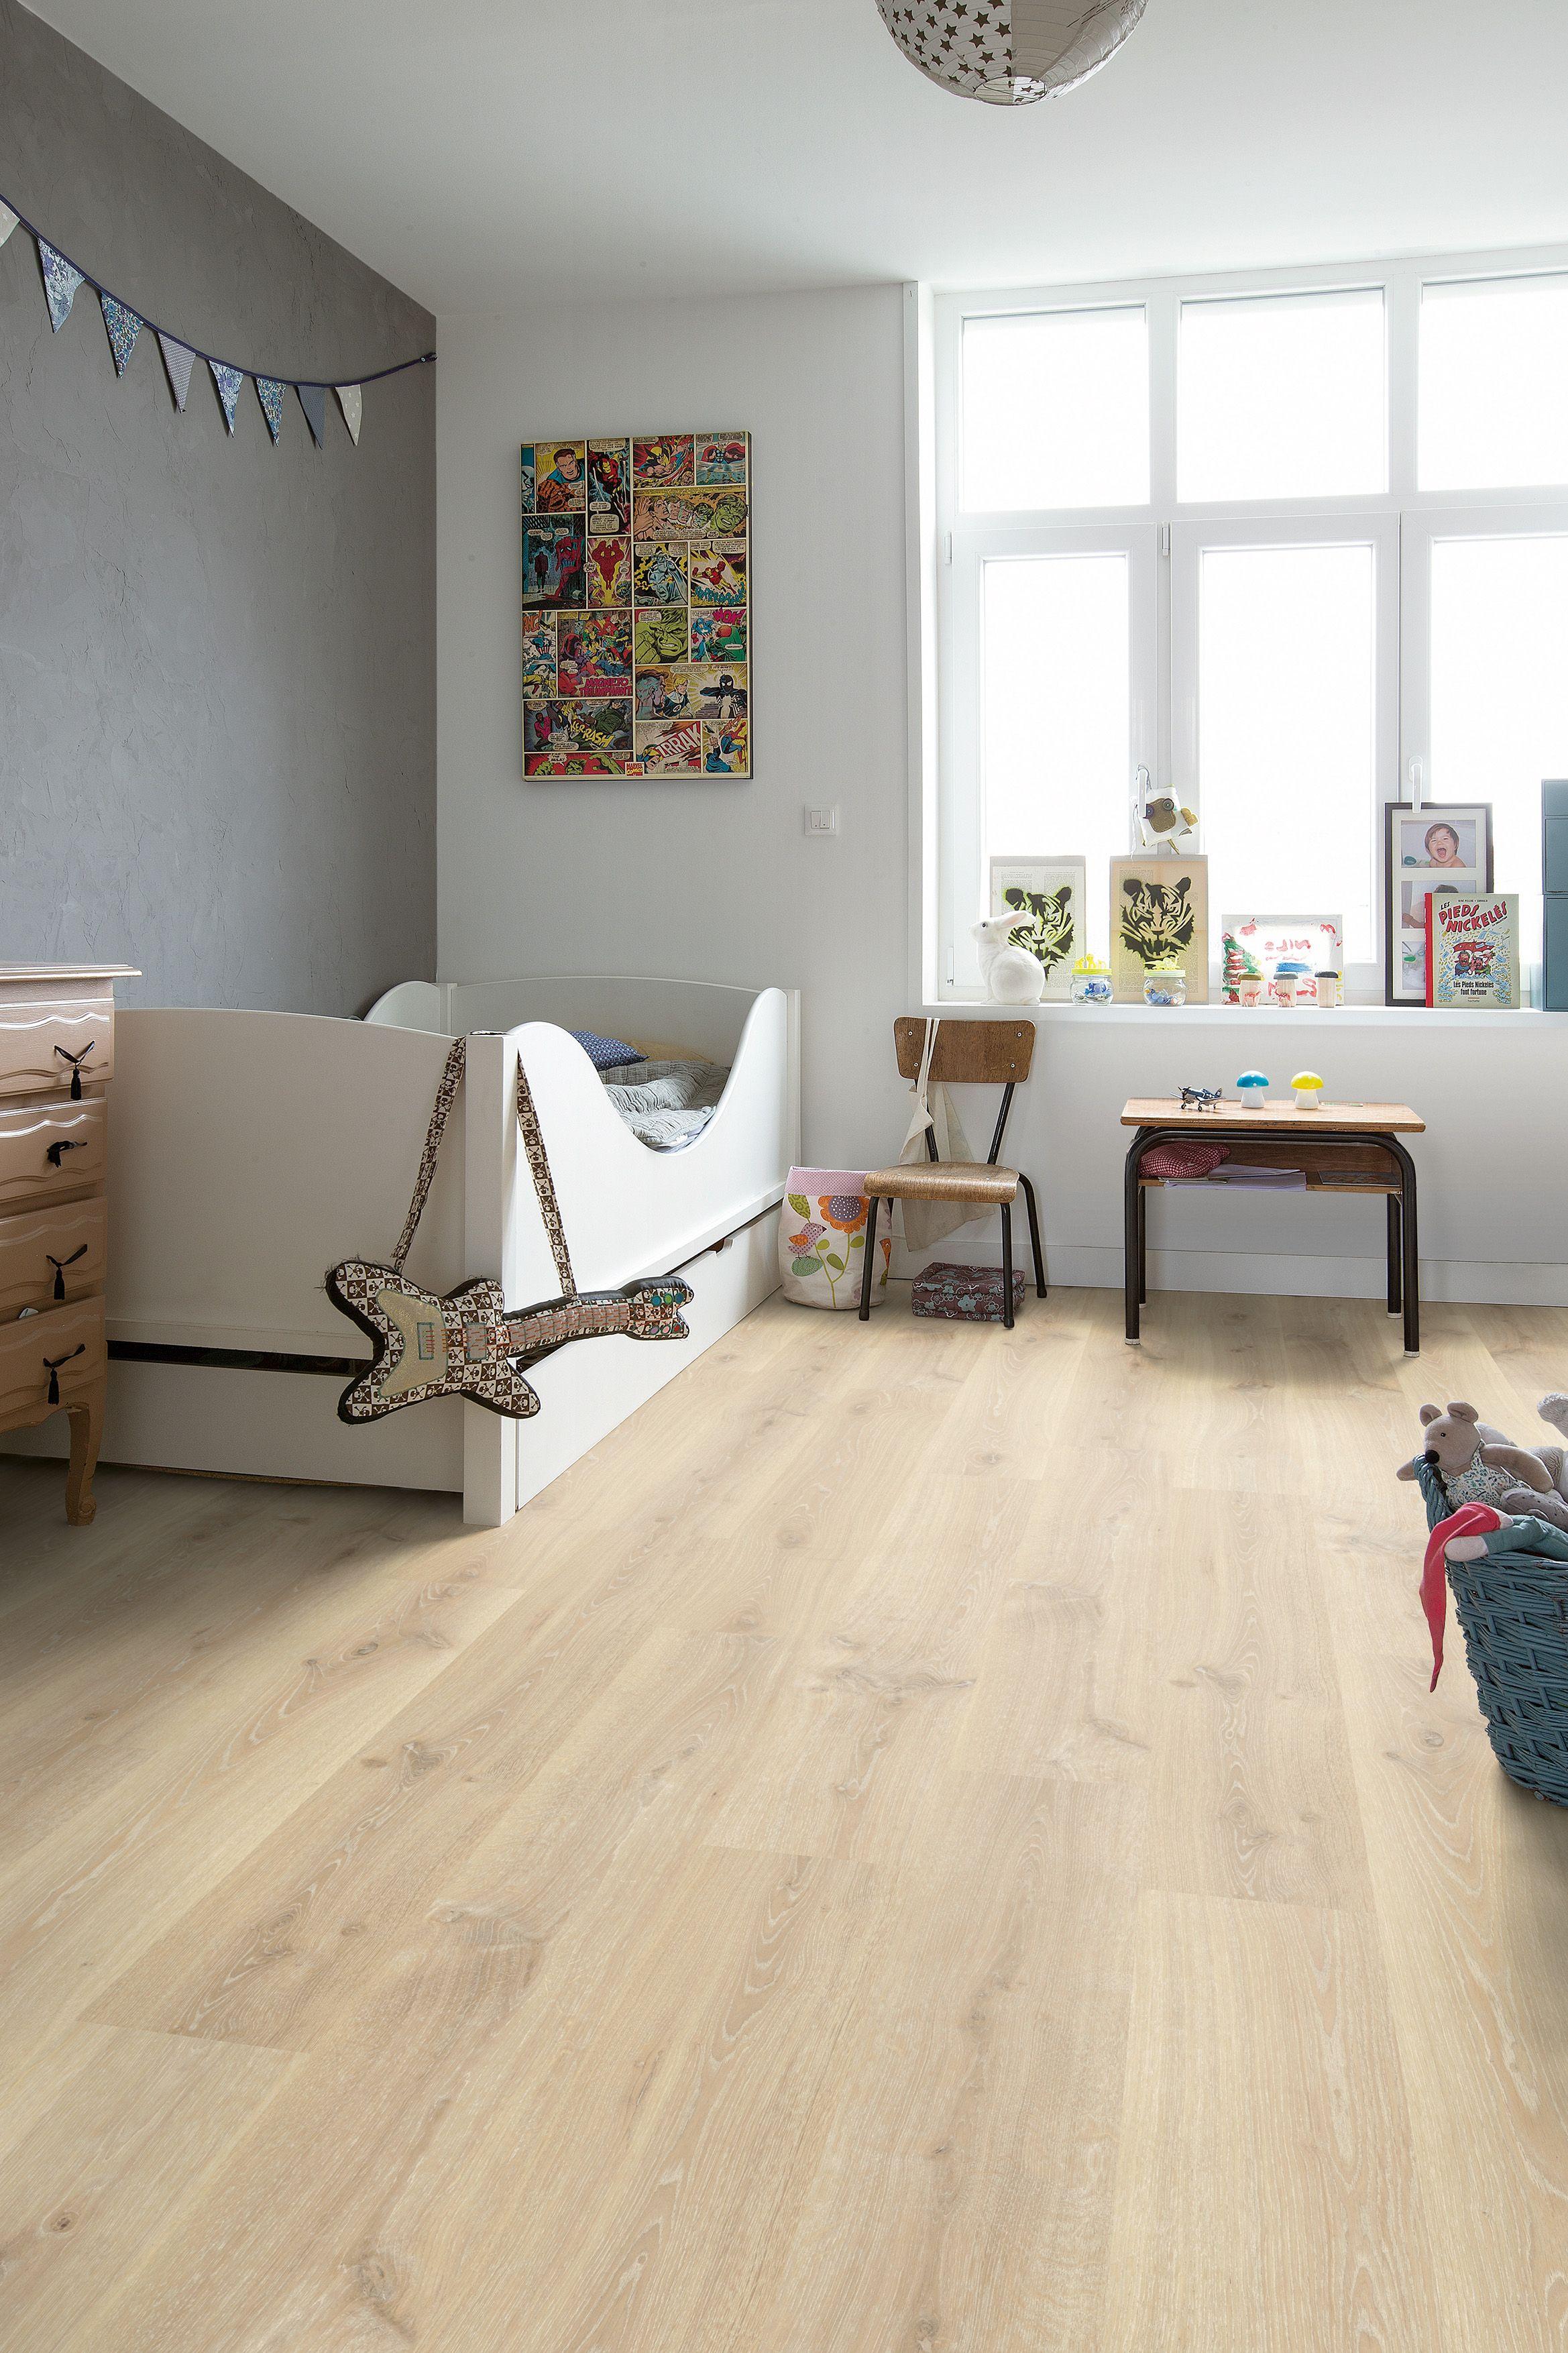 Hermosa habitaci n infantil decorada con elementos en color blanco gris y madera suelo - Suelo habitacion ninos ...